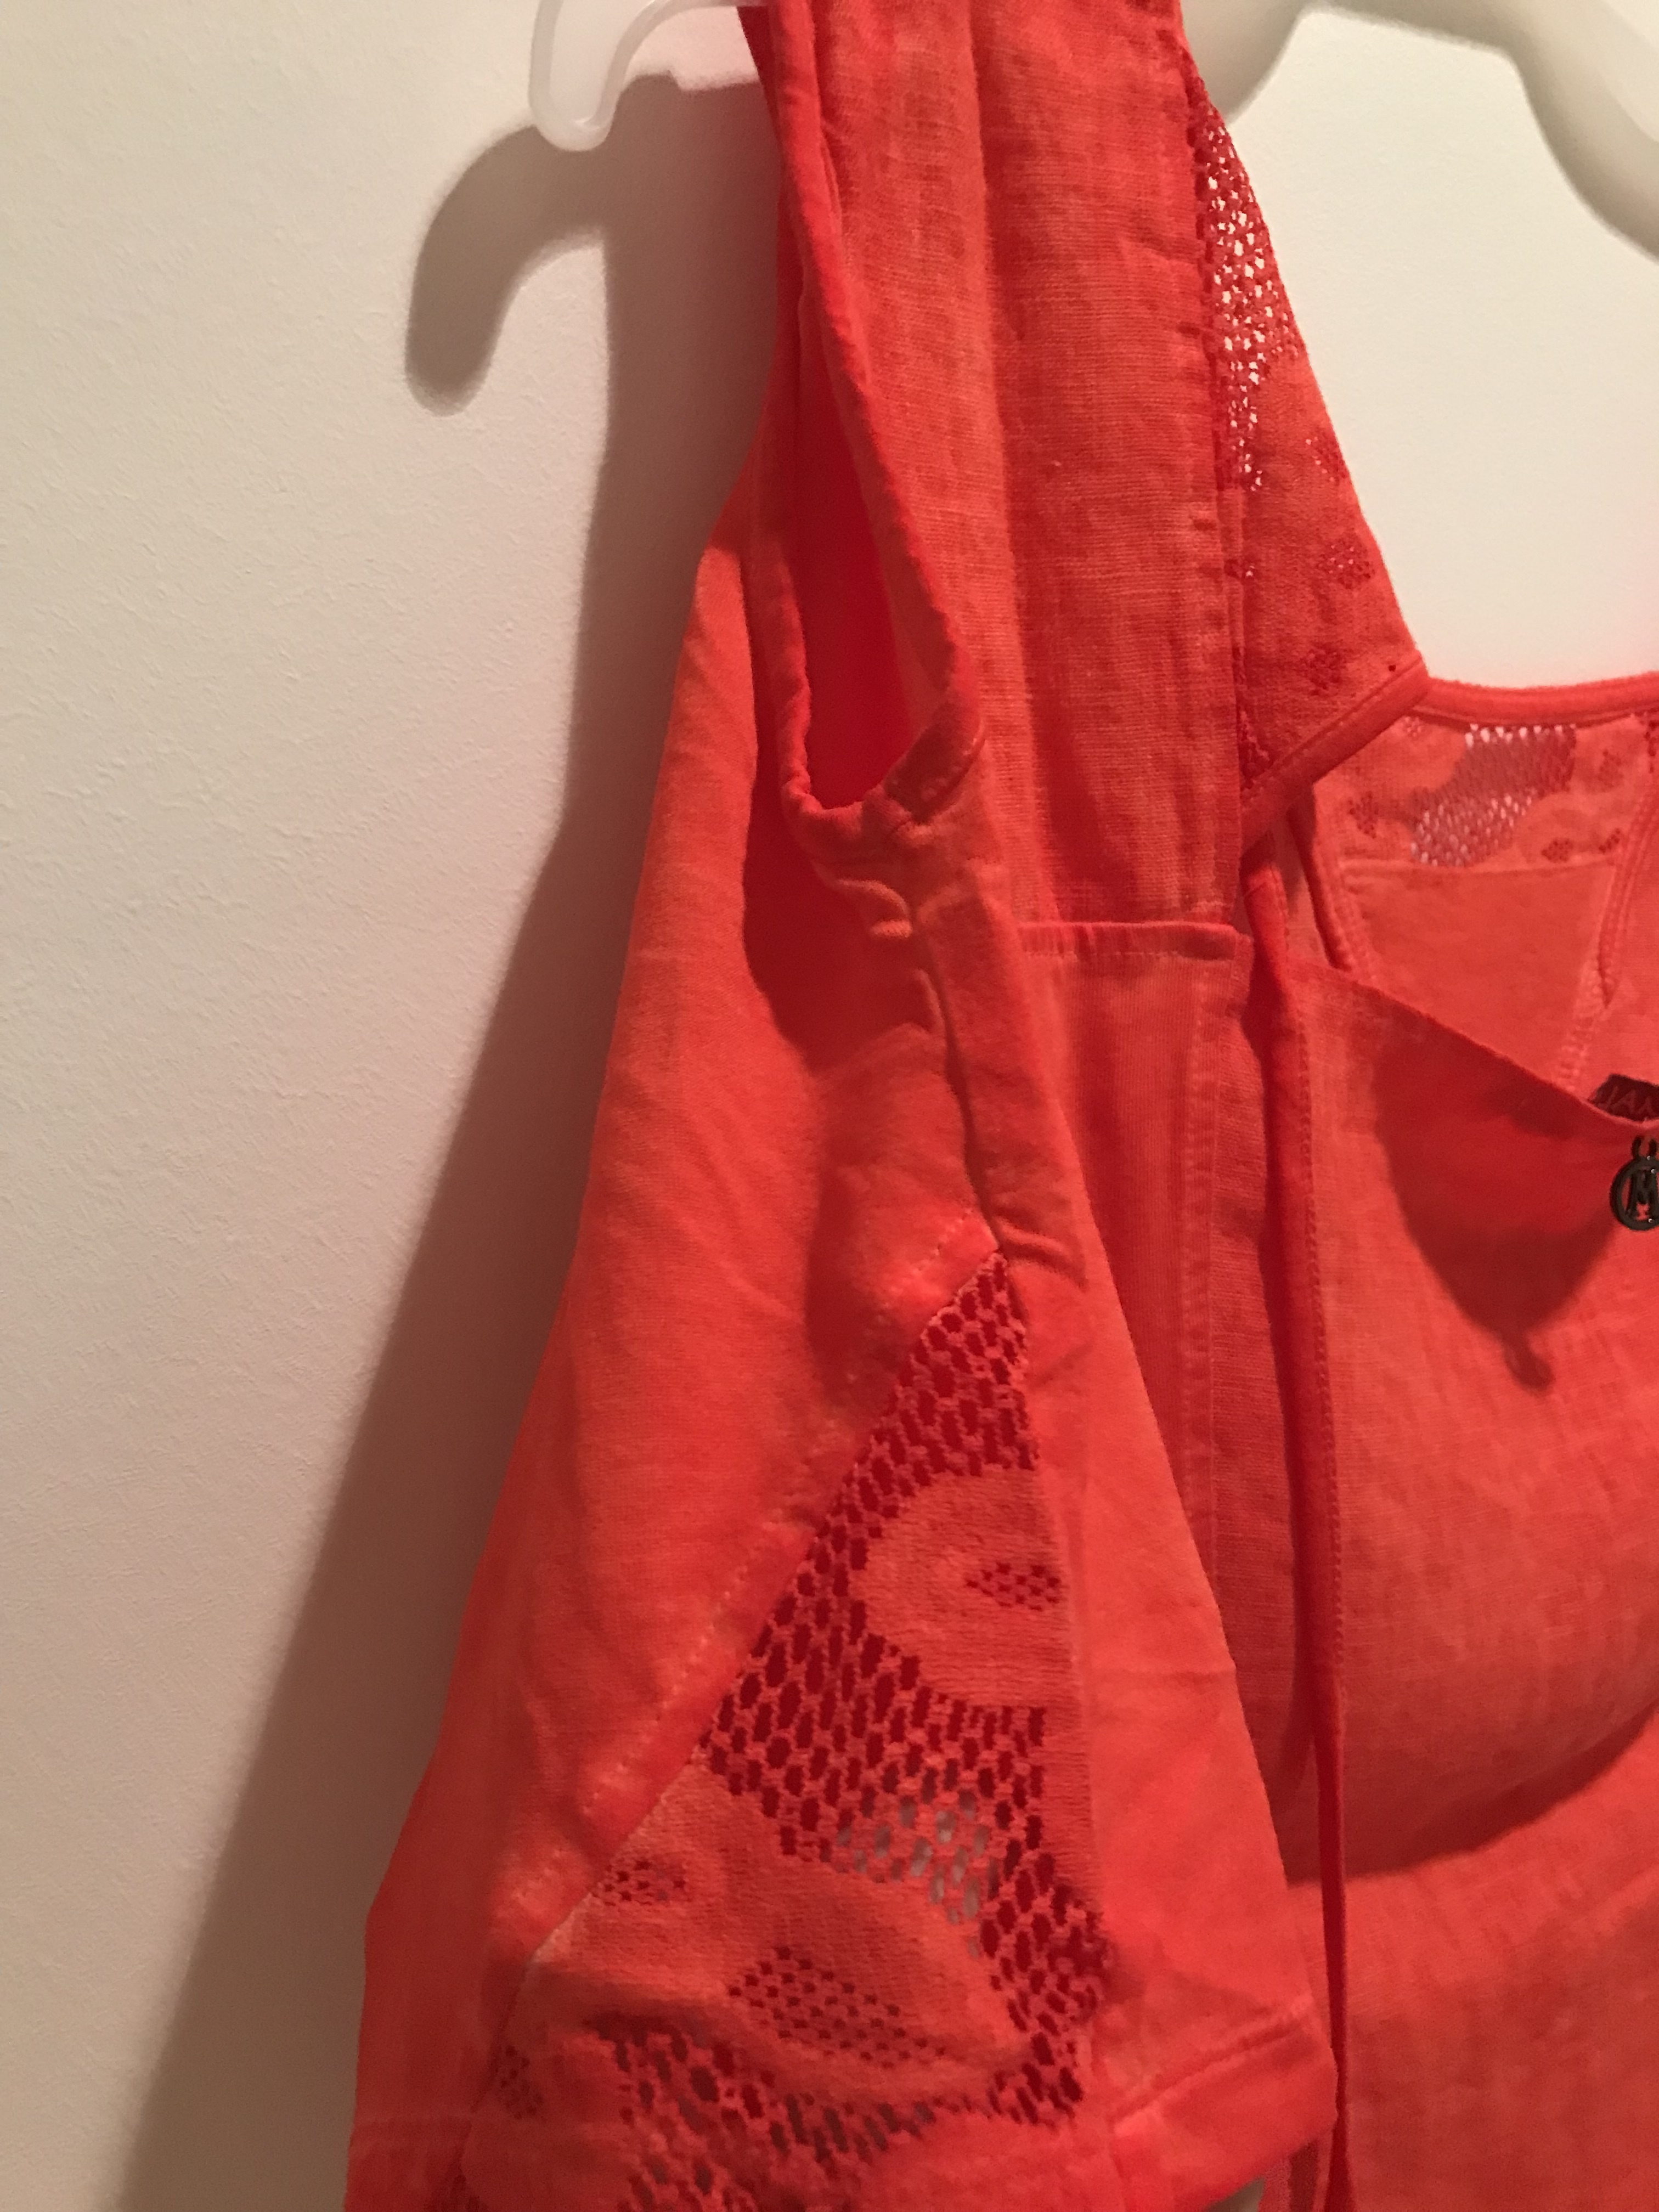 Maloka: Cutout Shoulder Princess Seam Linen Stretch Dress (1 left in Zest)